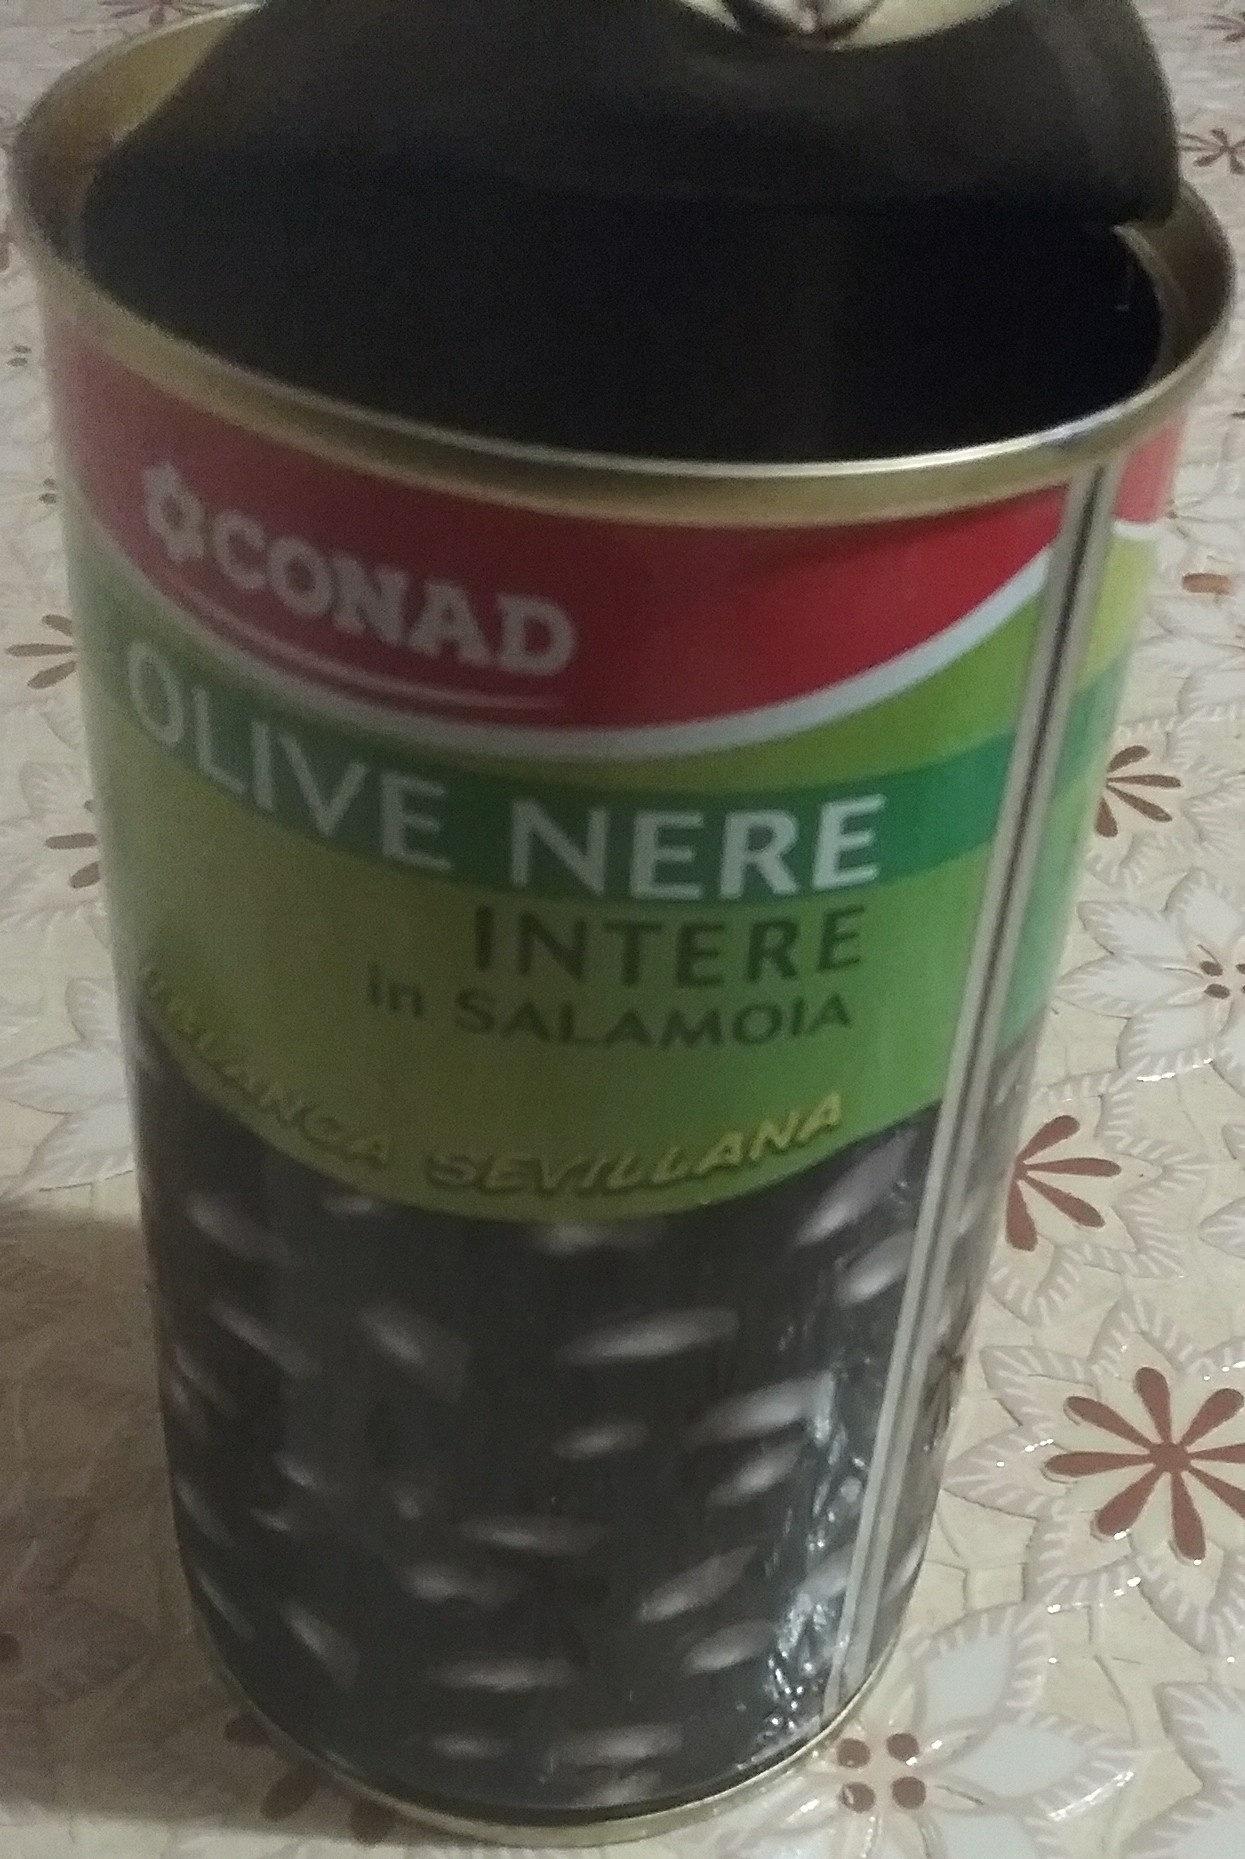 Olive nere intere in salamoia - Prodotto - it